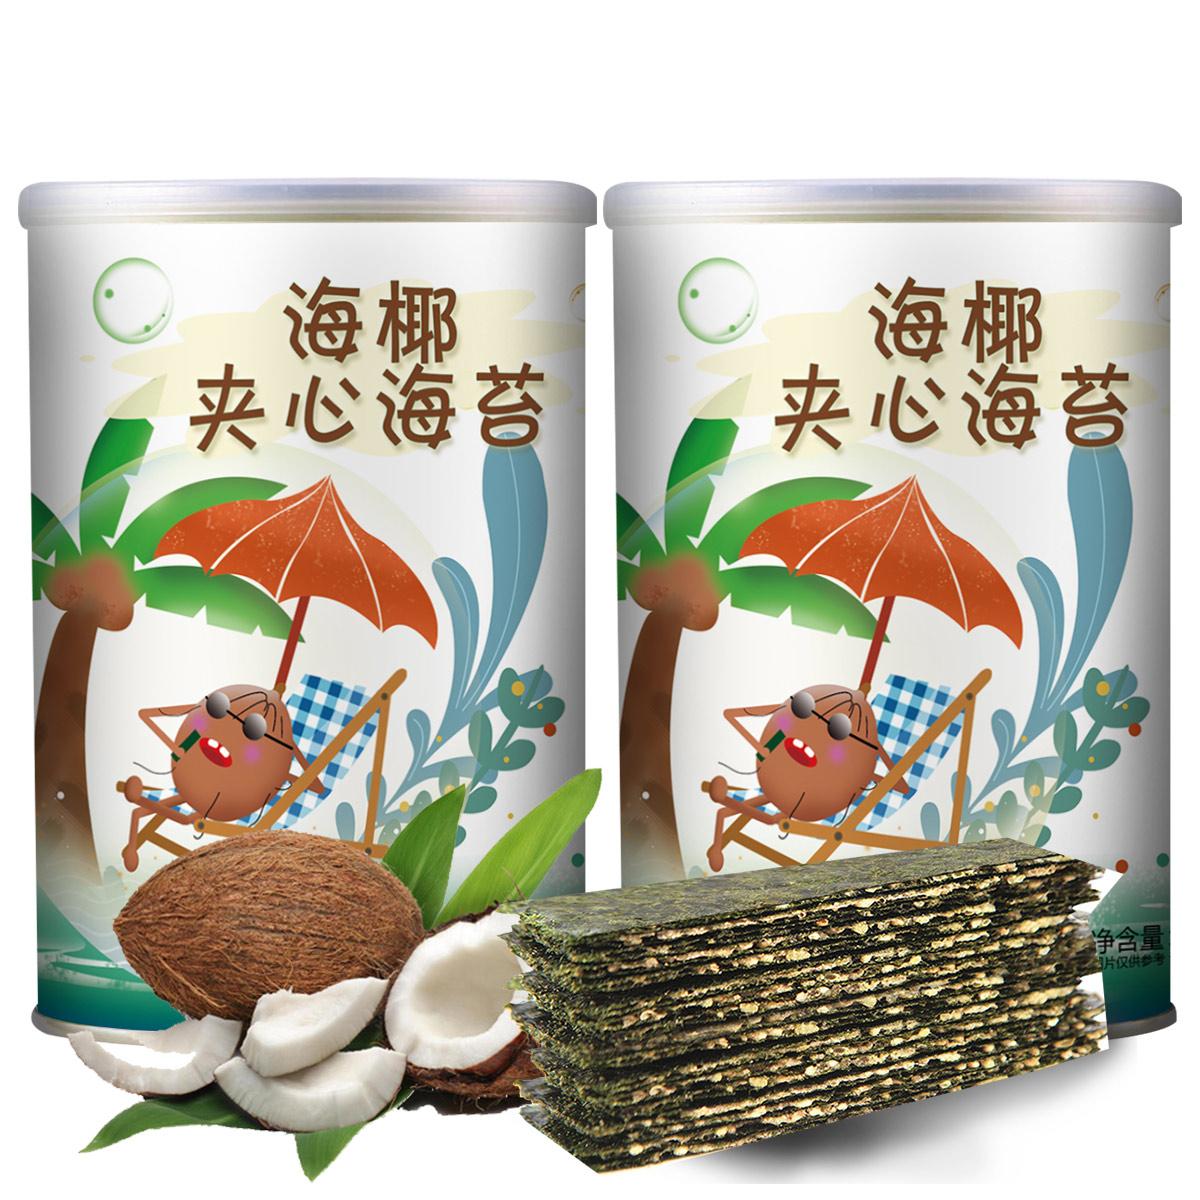 唯仟海椰夹心海苔芝麻夹心海苔夹心脆儿童海苔即食海苔饼干52g*2COLOR其它颜色